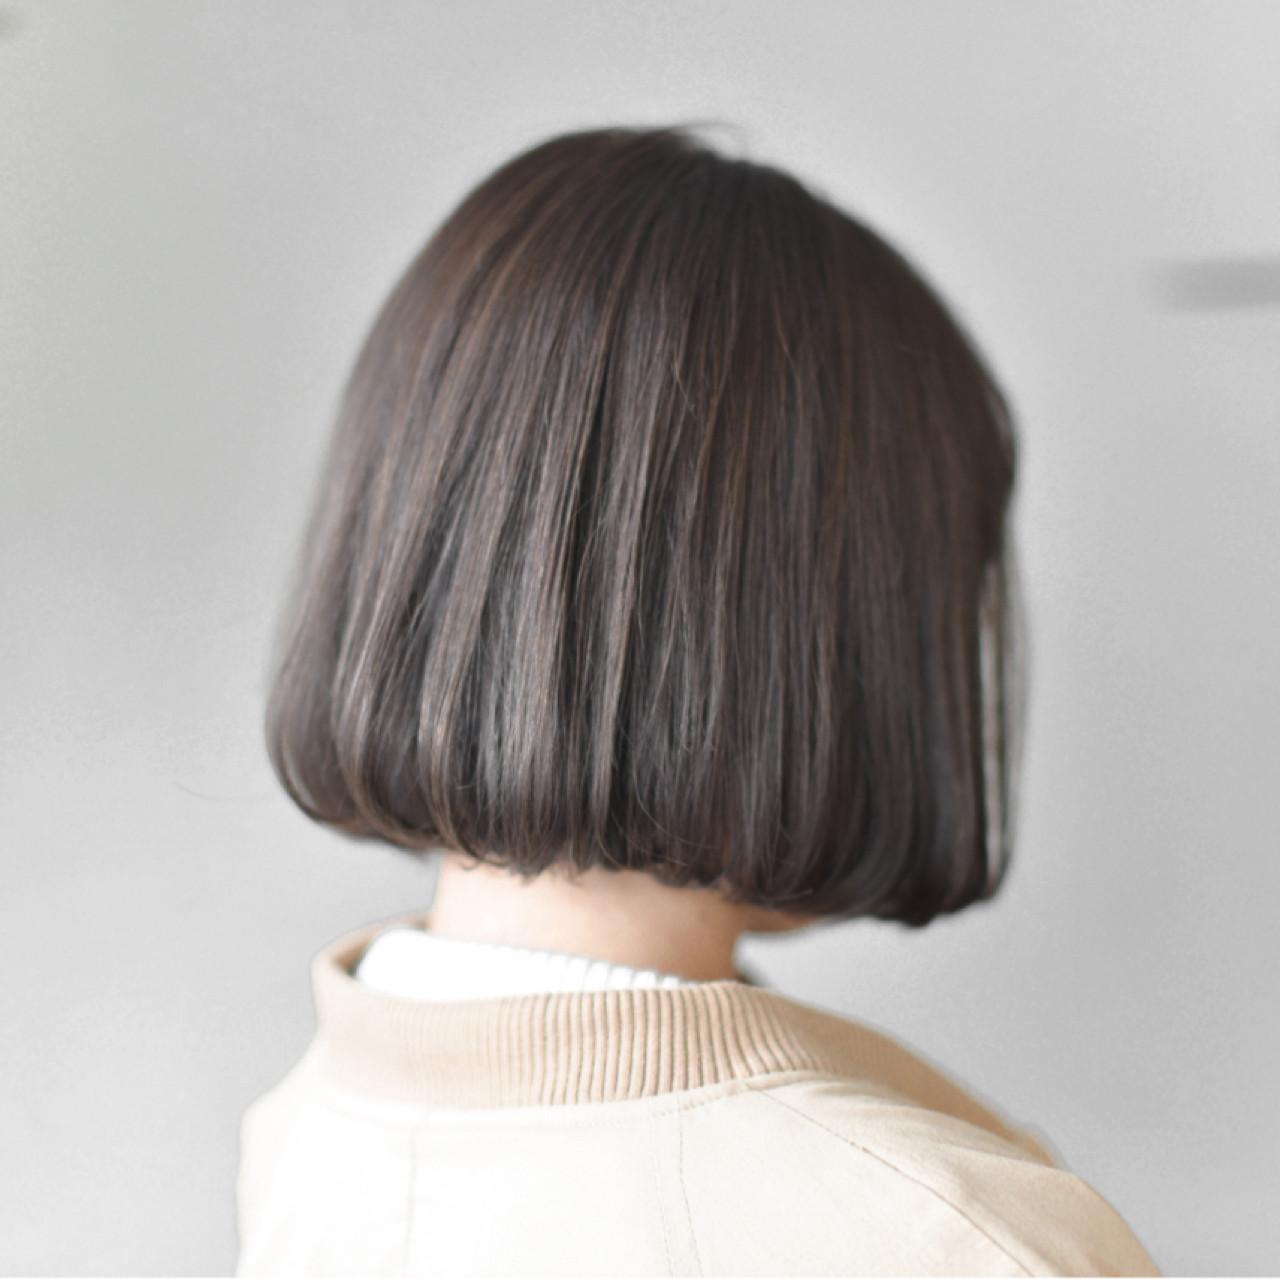 ナチュラル グレージュ ミルクティー 色気 ヘアスタイルや髪型の写真・画像